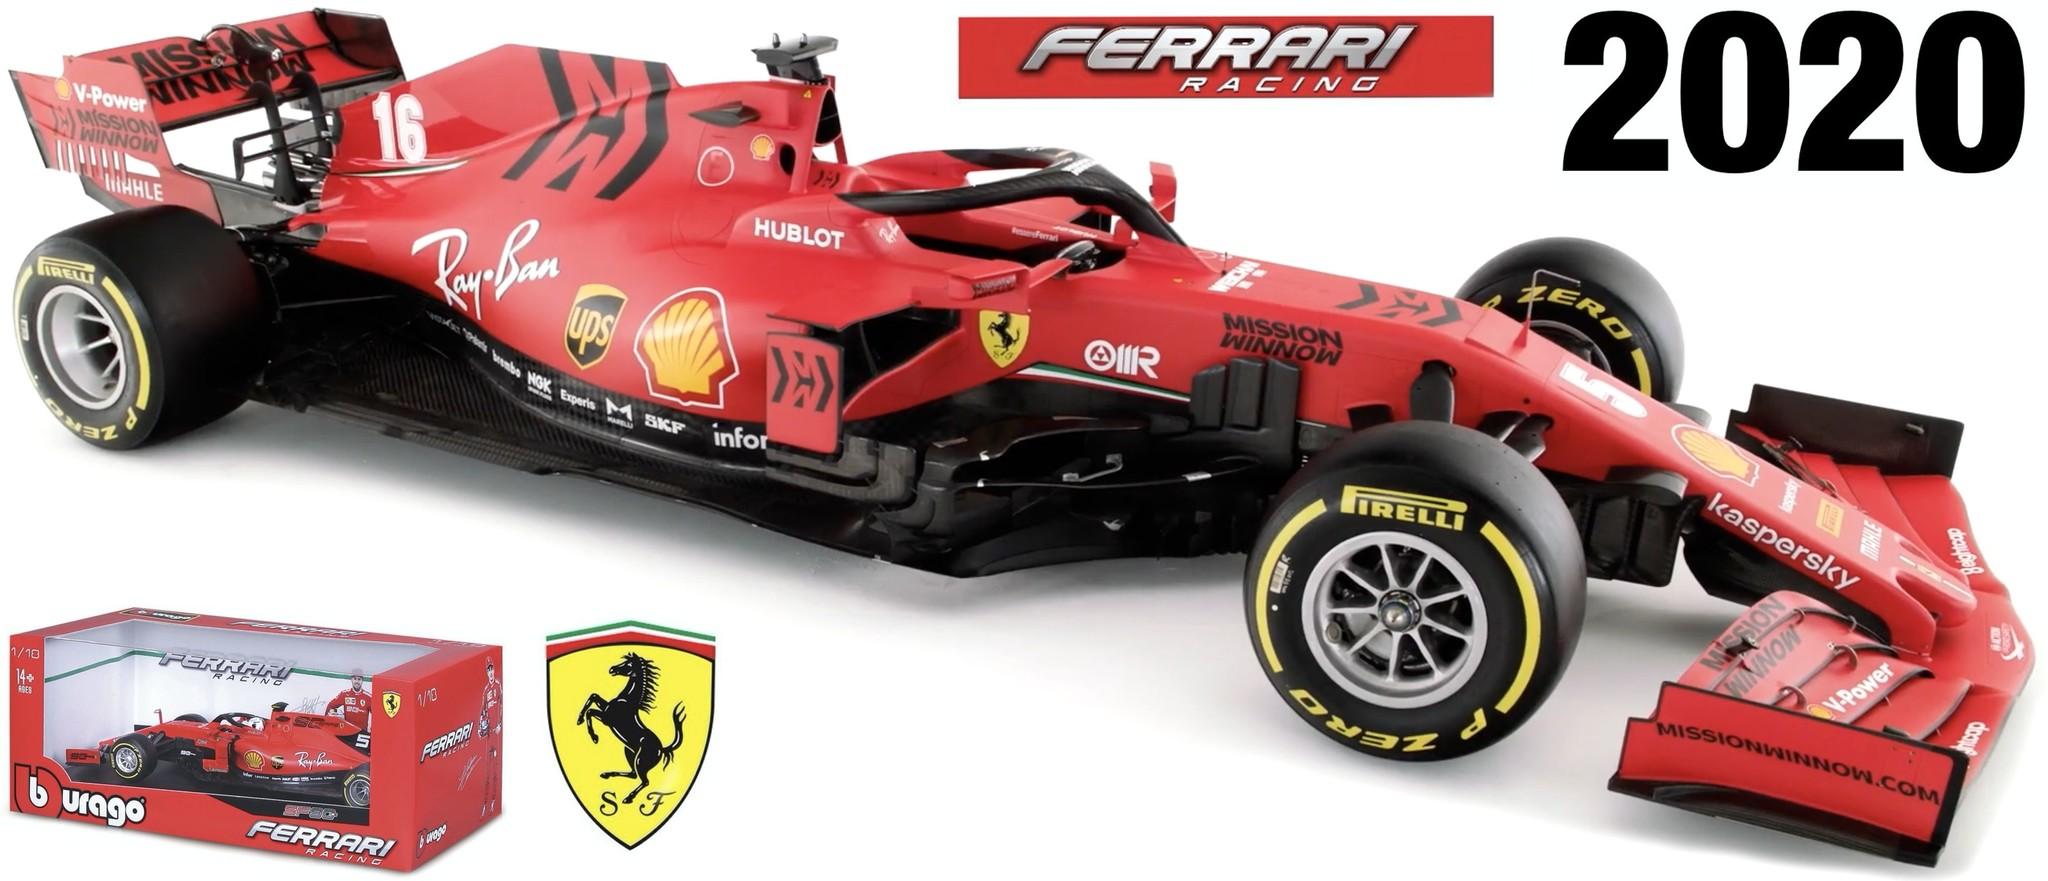 Bburago Ferrari Sebastian Vettel 1:18 schaalmodel 2020